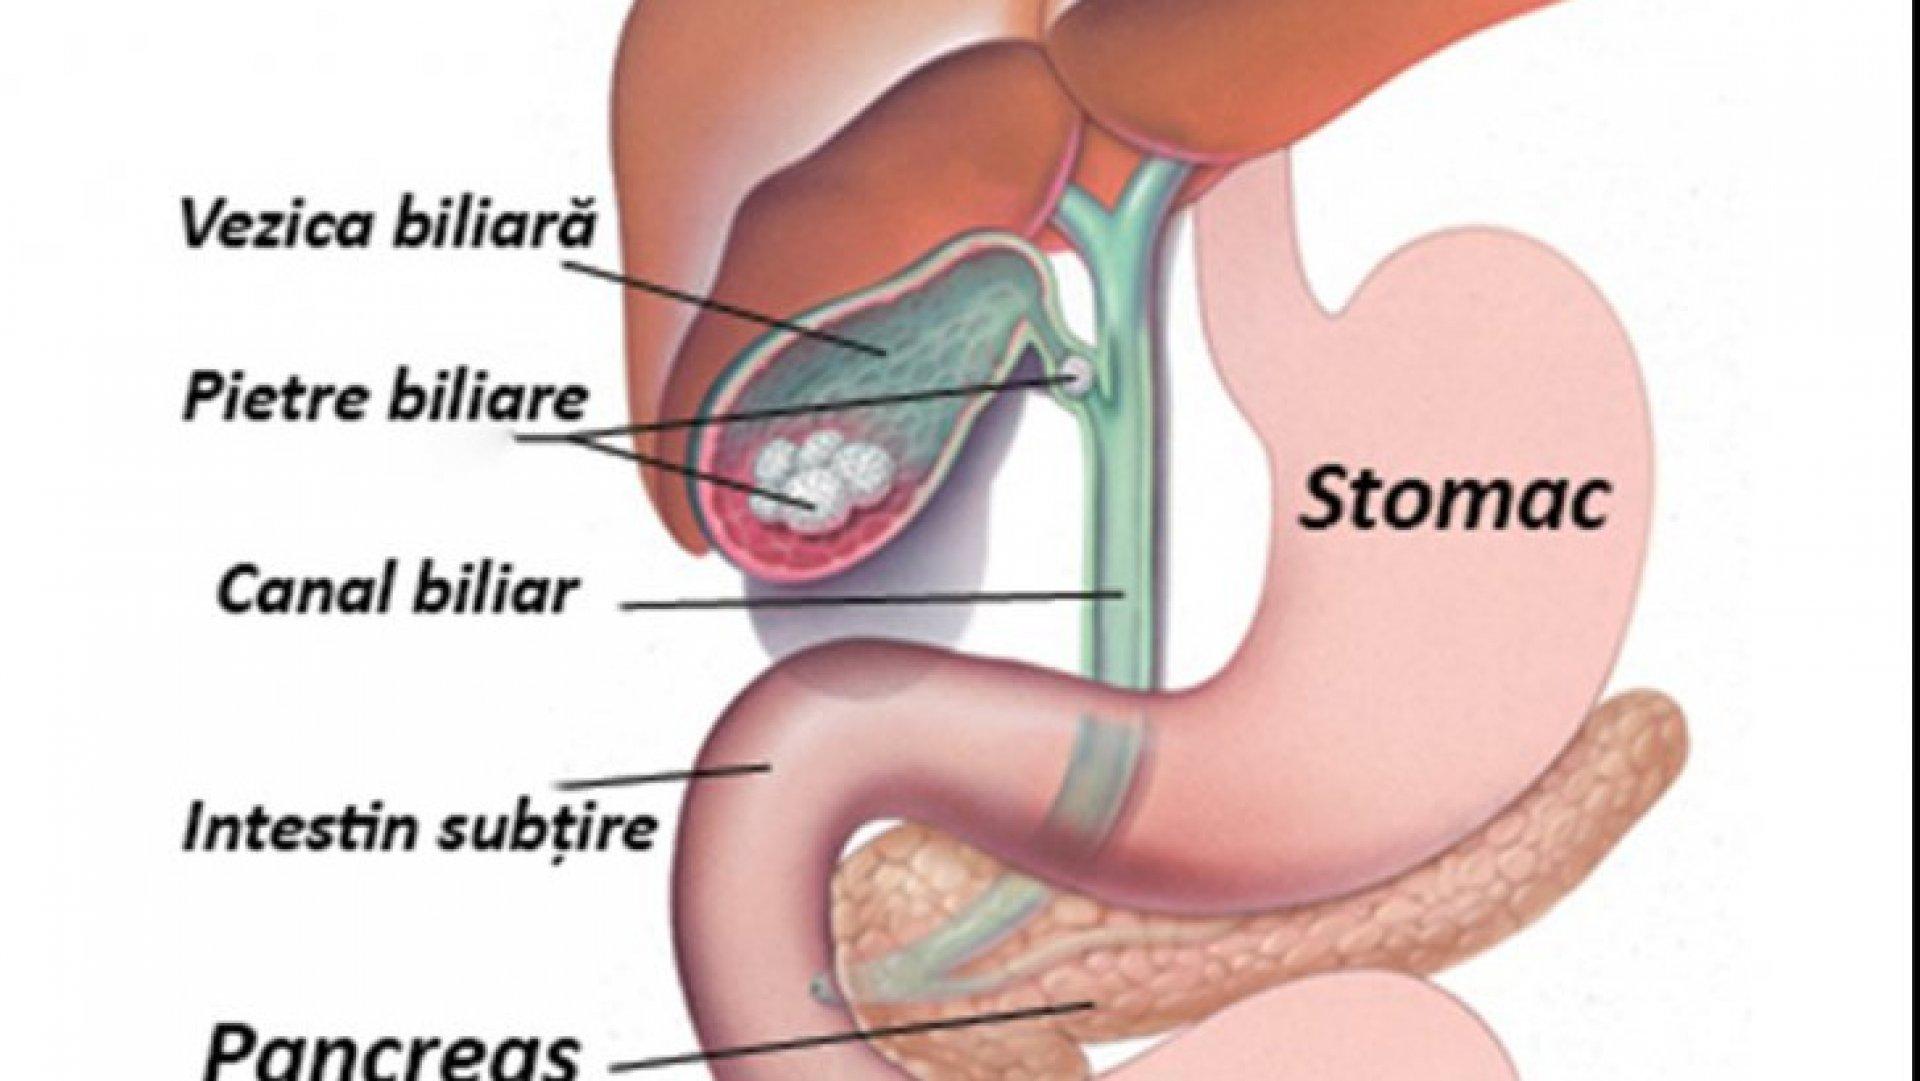 simptomele vezicii biliare